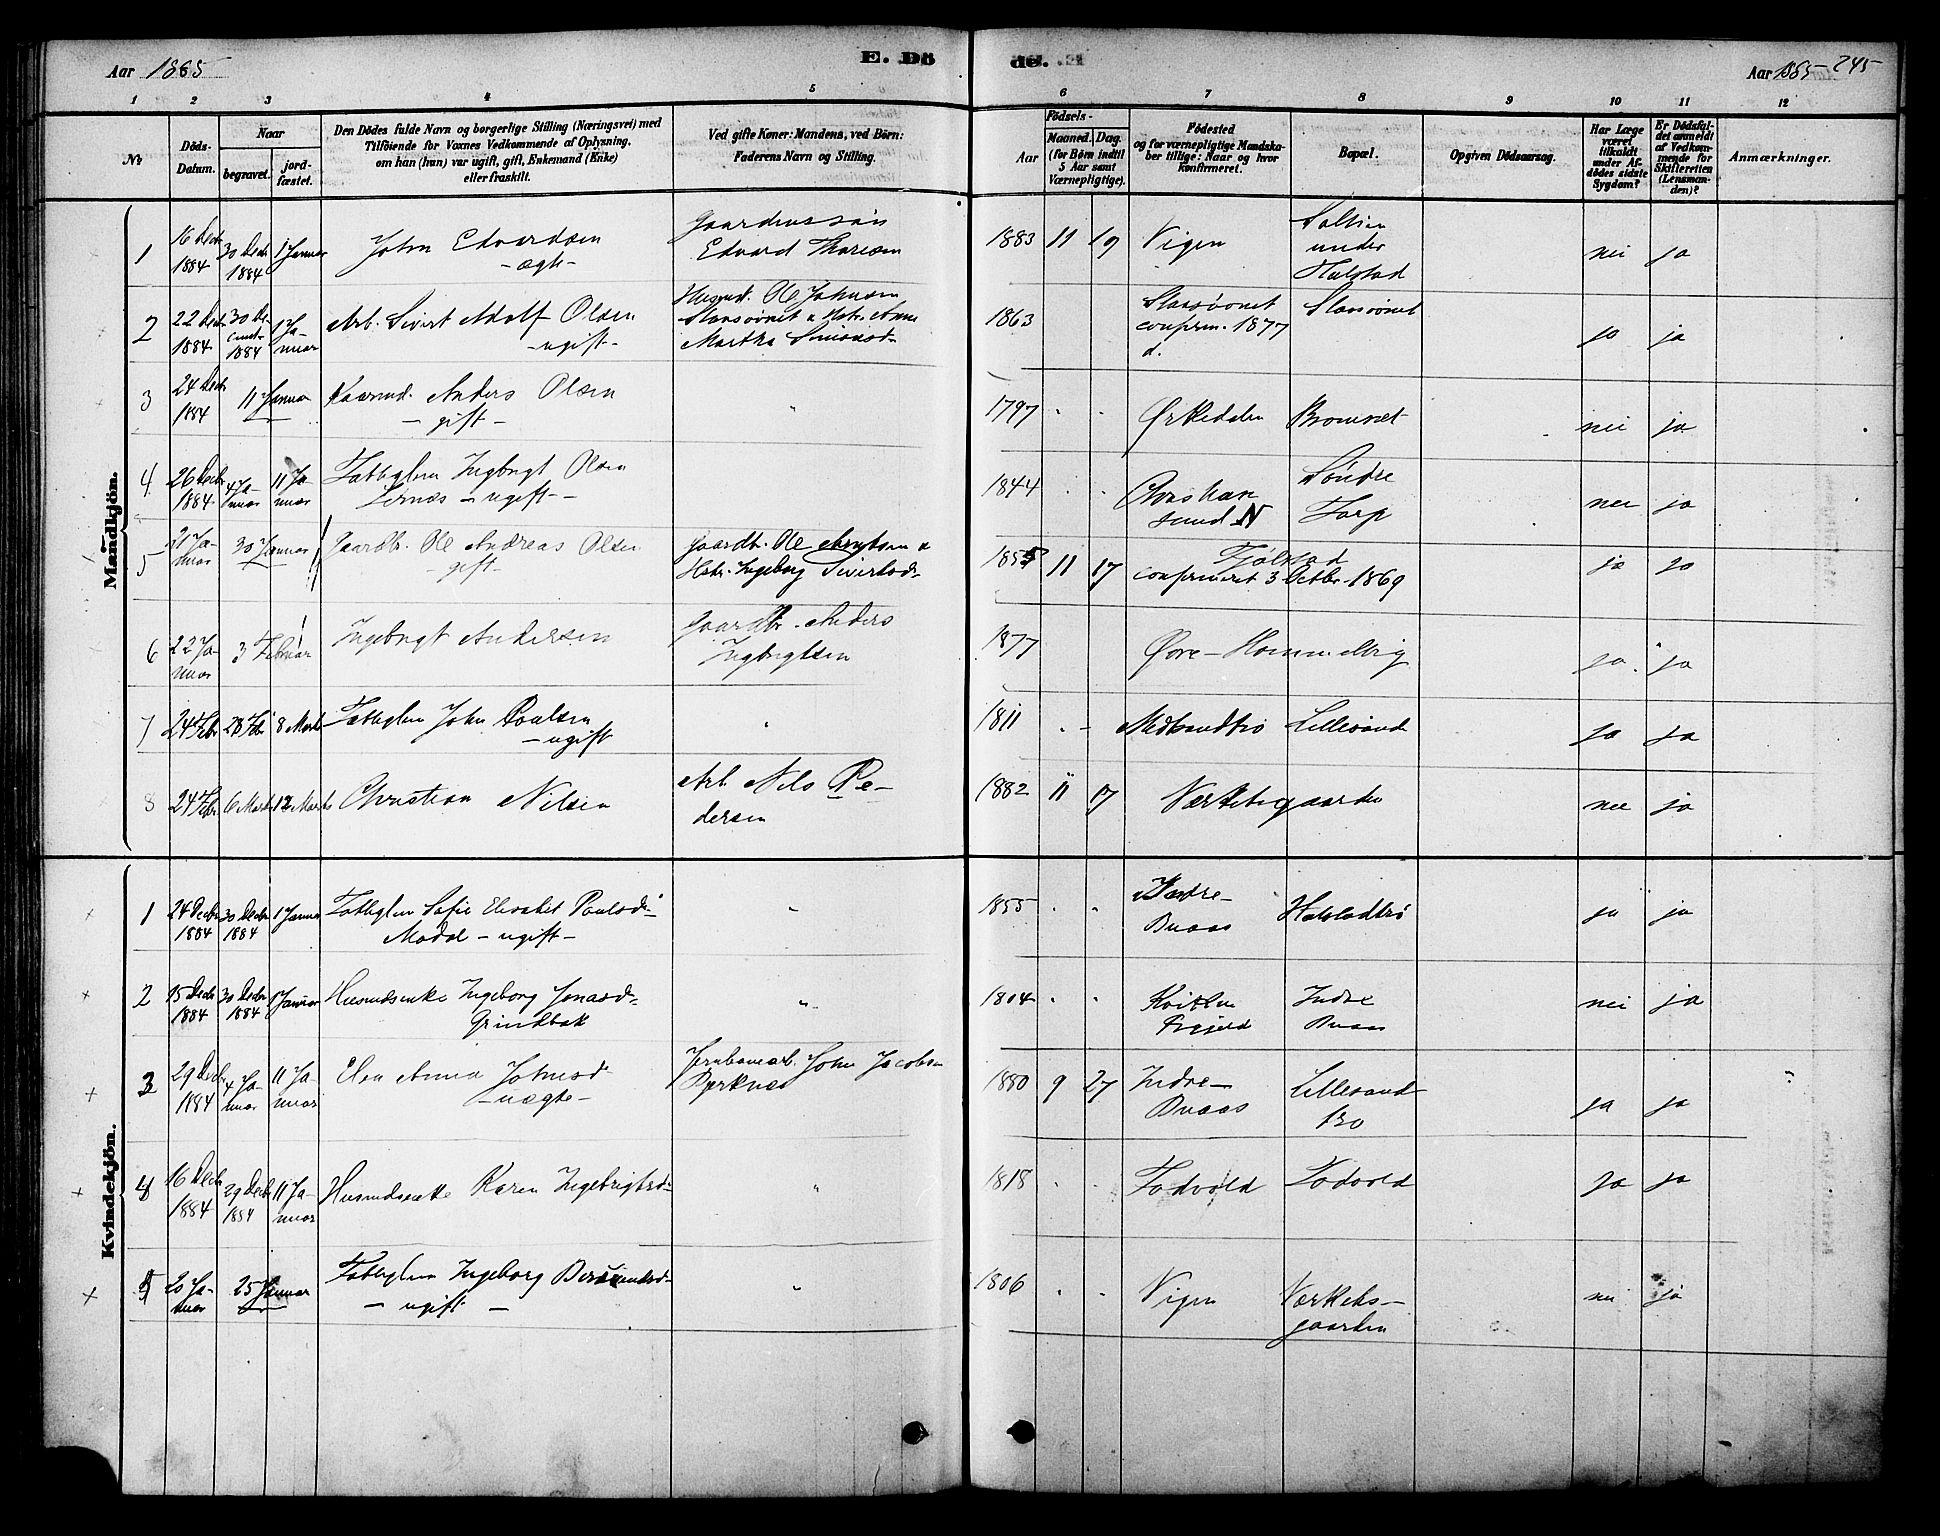 SAT, Ministerialprotokoller, klokkerbøker og fødselsregistre - Sør-Trøndelag, 616/L0410: Ministerialbok nr. 616A07, 1878-1893, s. 245